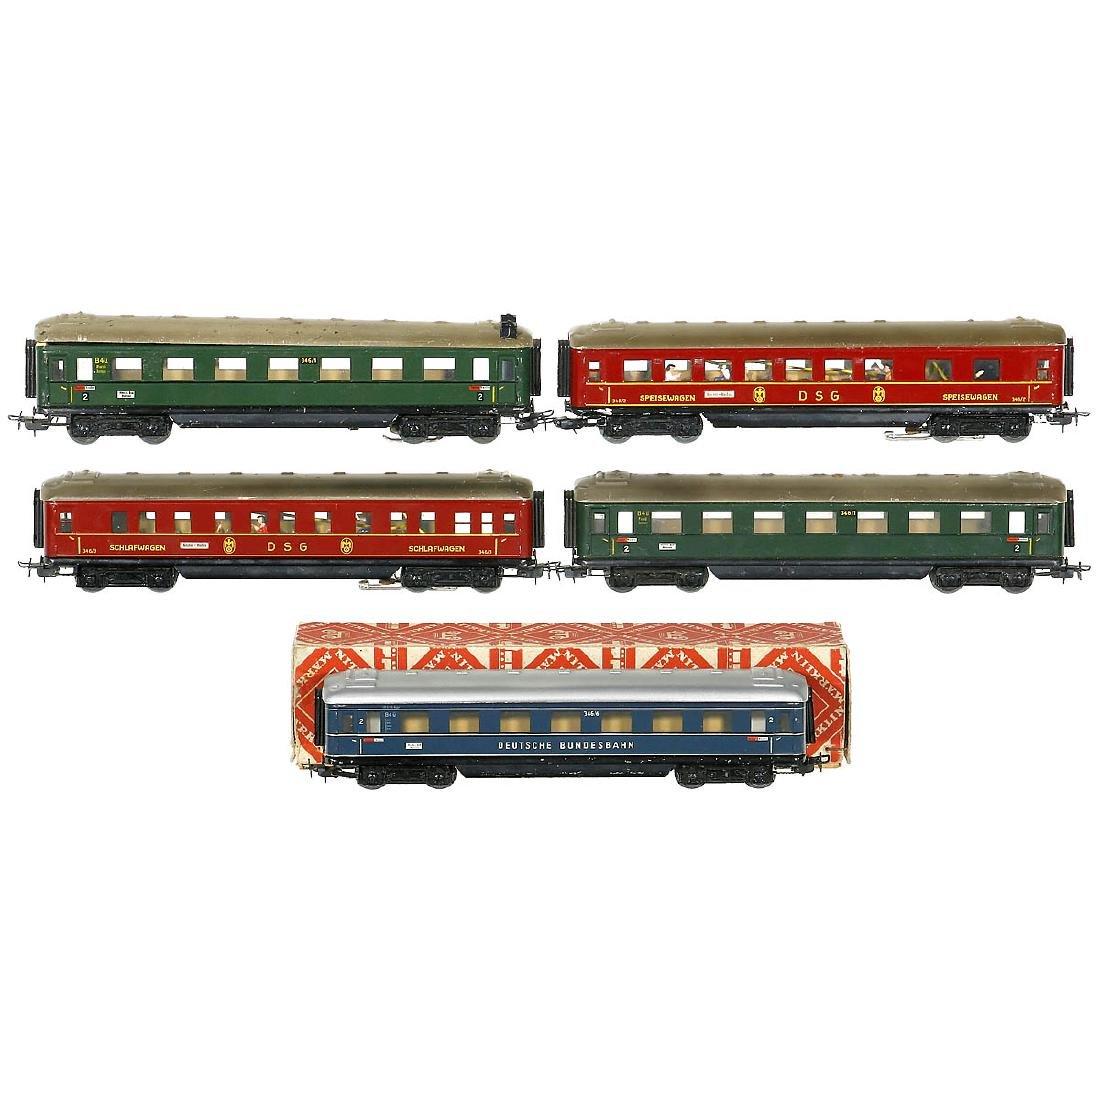 5 Märklin Series 346 Passenger Cars, c. 1953